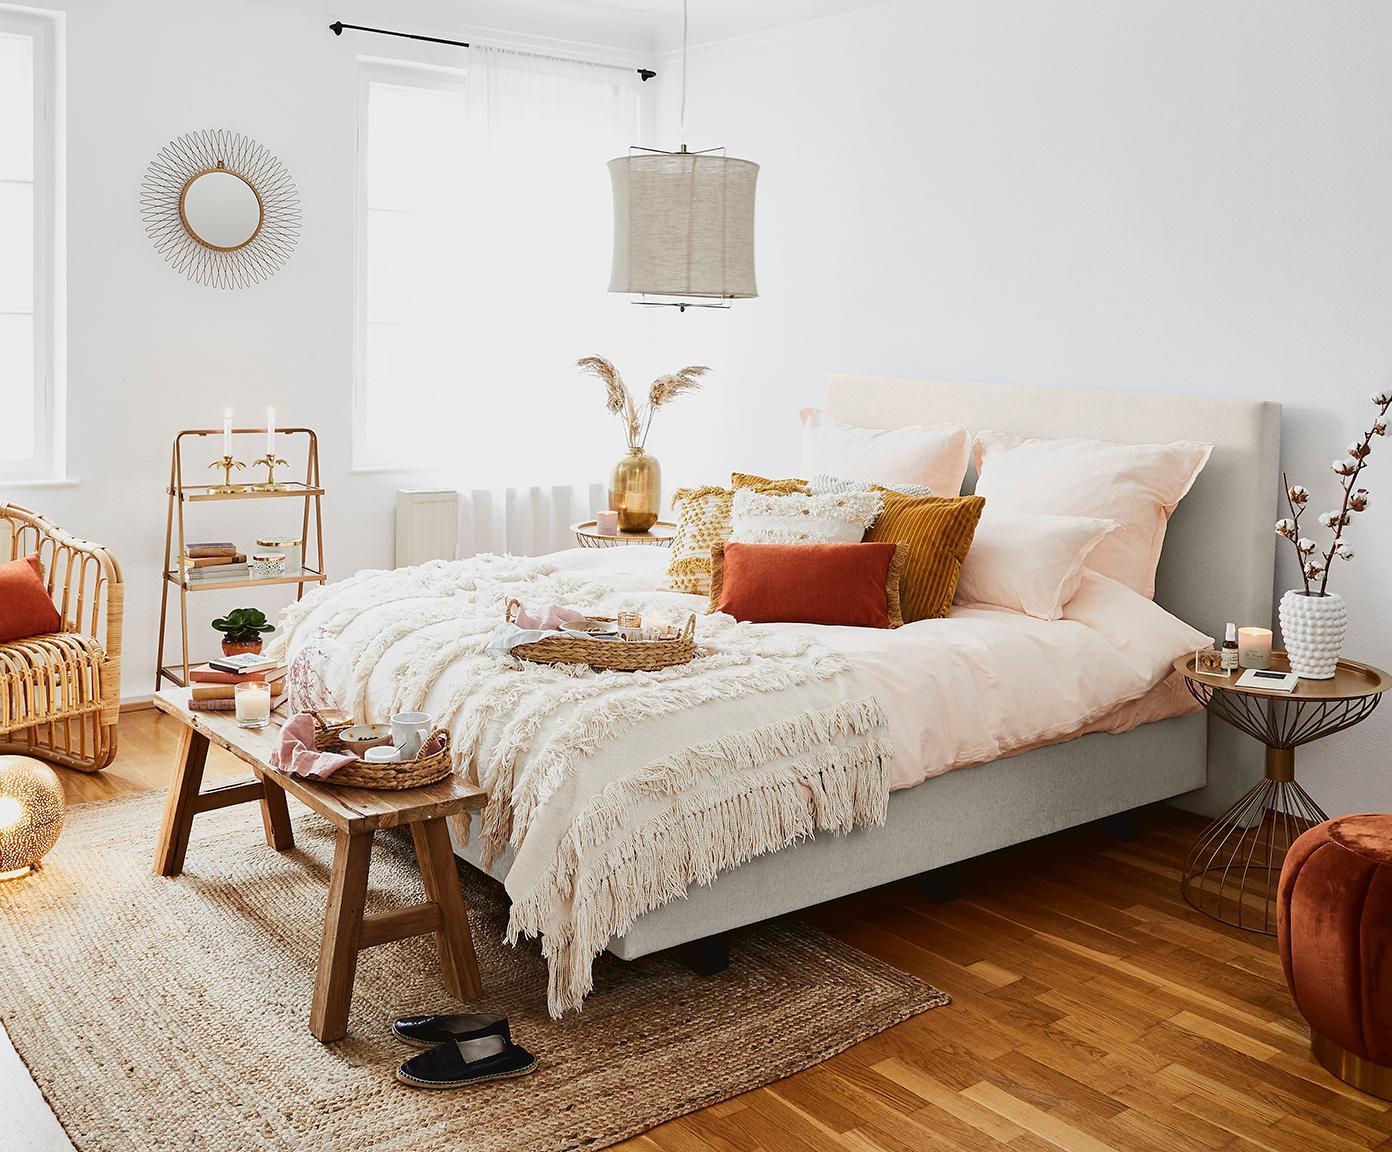 Łóżko kontynentalne premium Eliza, Nogi: lite drewno bukowe, lakie, Beżowy, 180 x 200 cm